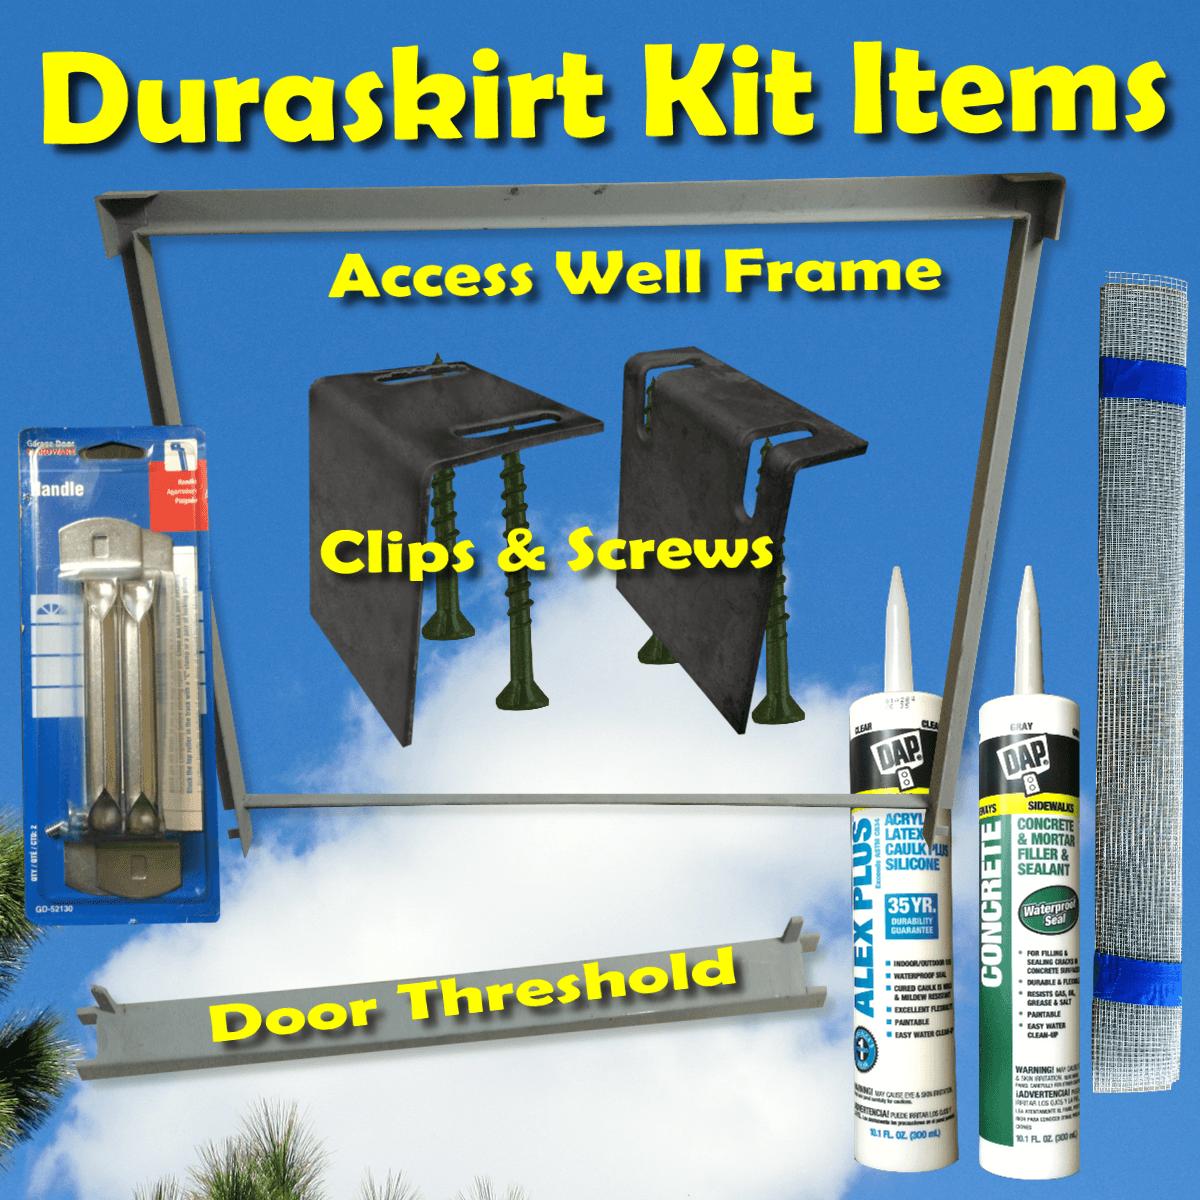 Duraskirt mobile home skirting kit accessories